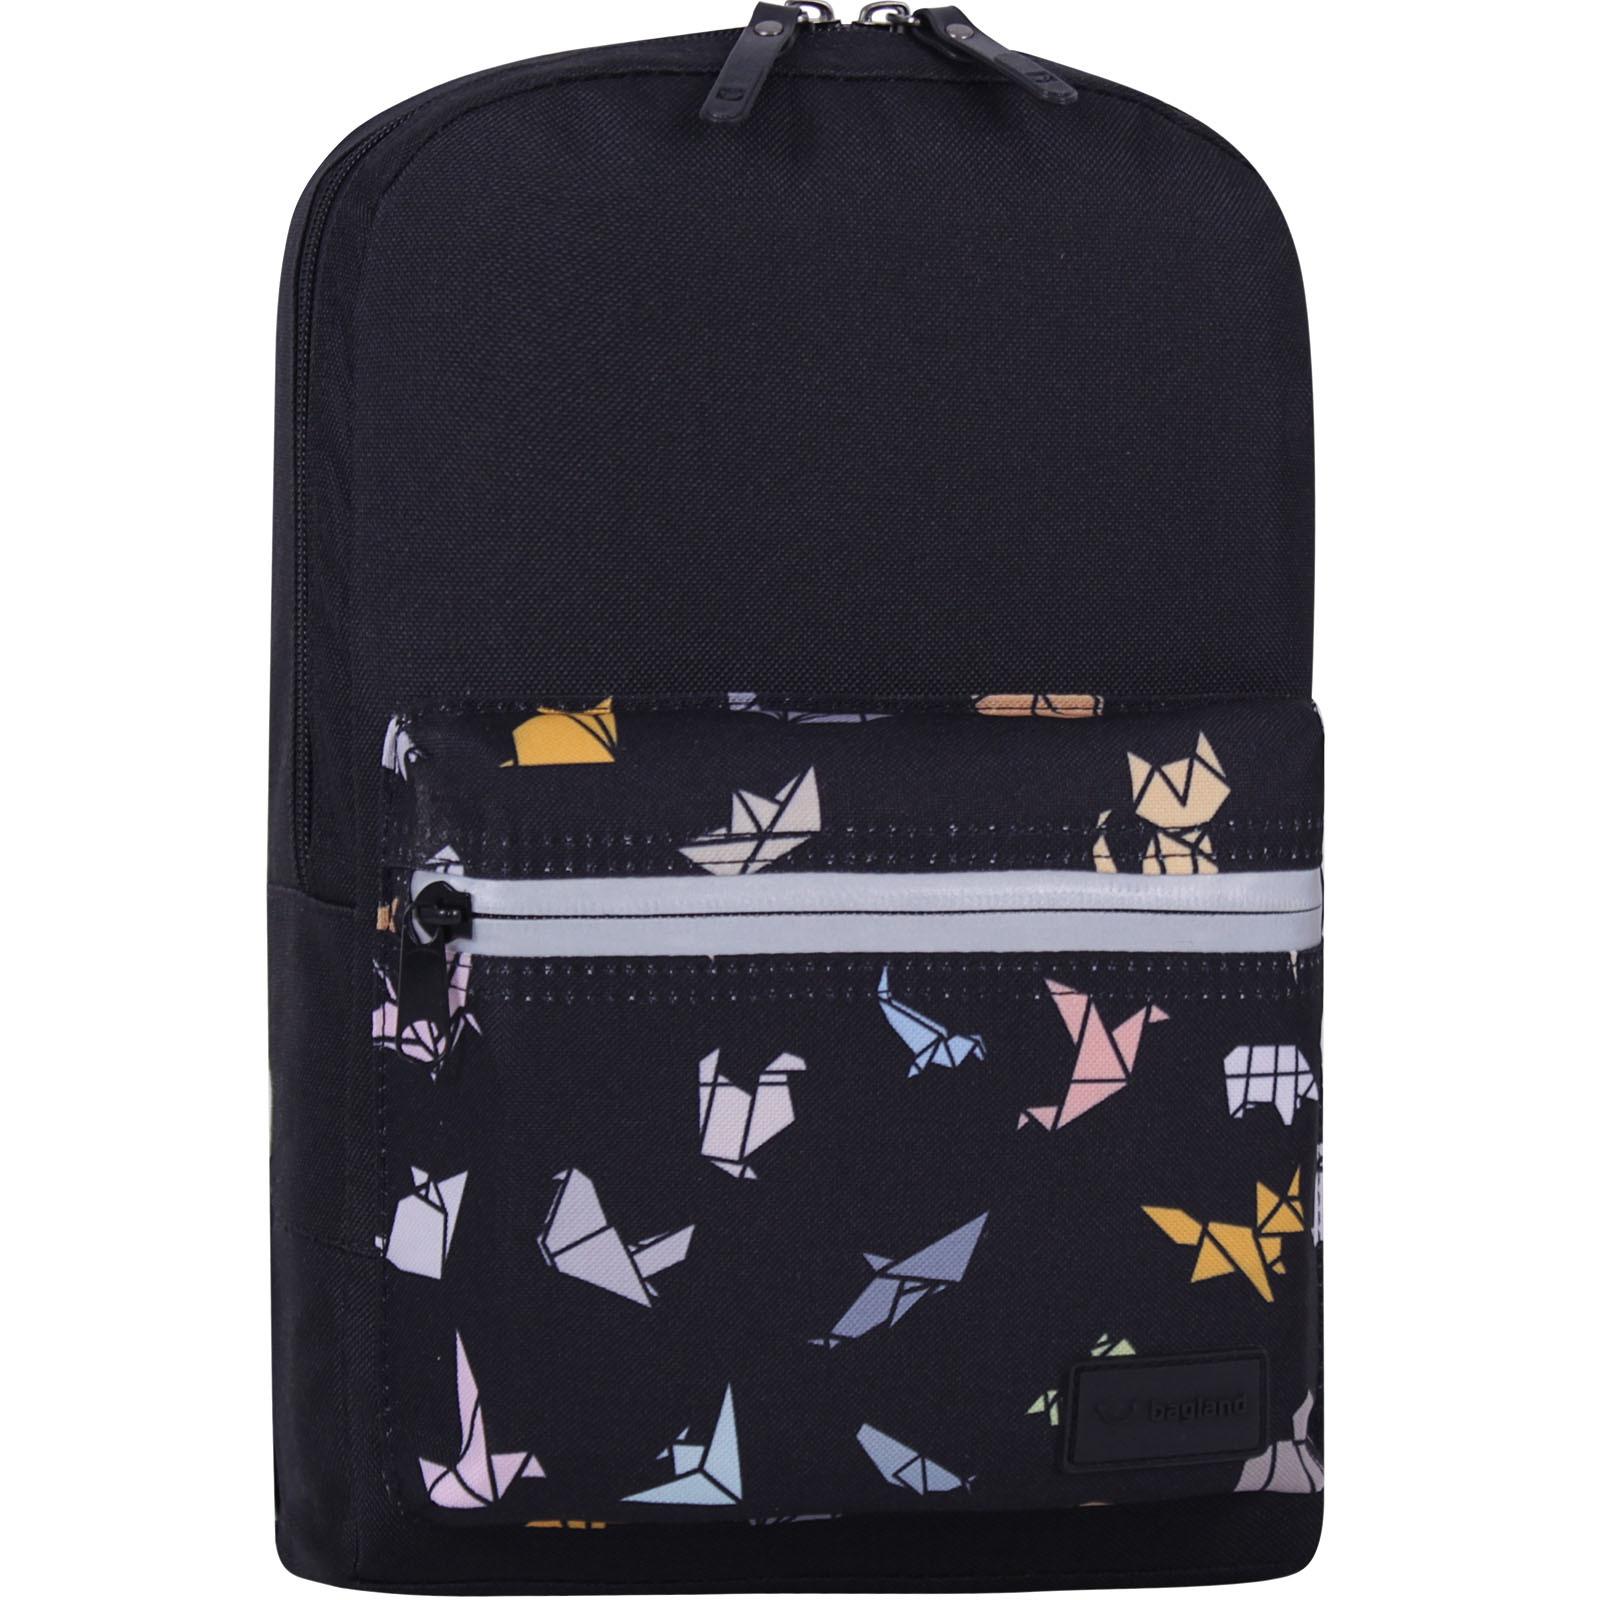 Детские рюкзаки Рюкзак Bagland Молодежный mini 8 л. черный 752 (0050866) IMG_7705_суб752_-1600.jpg